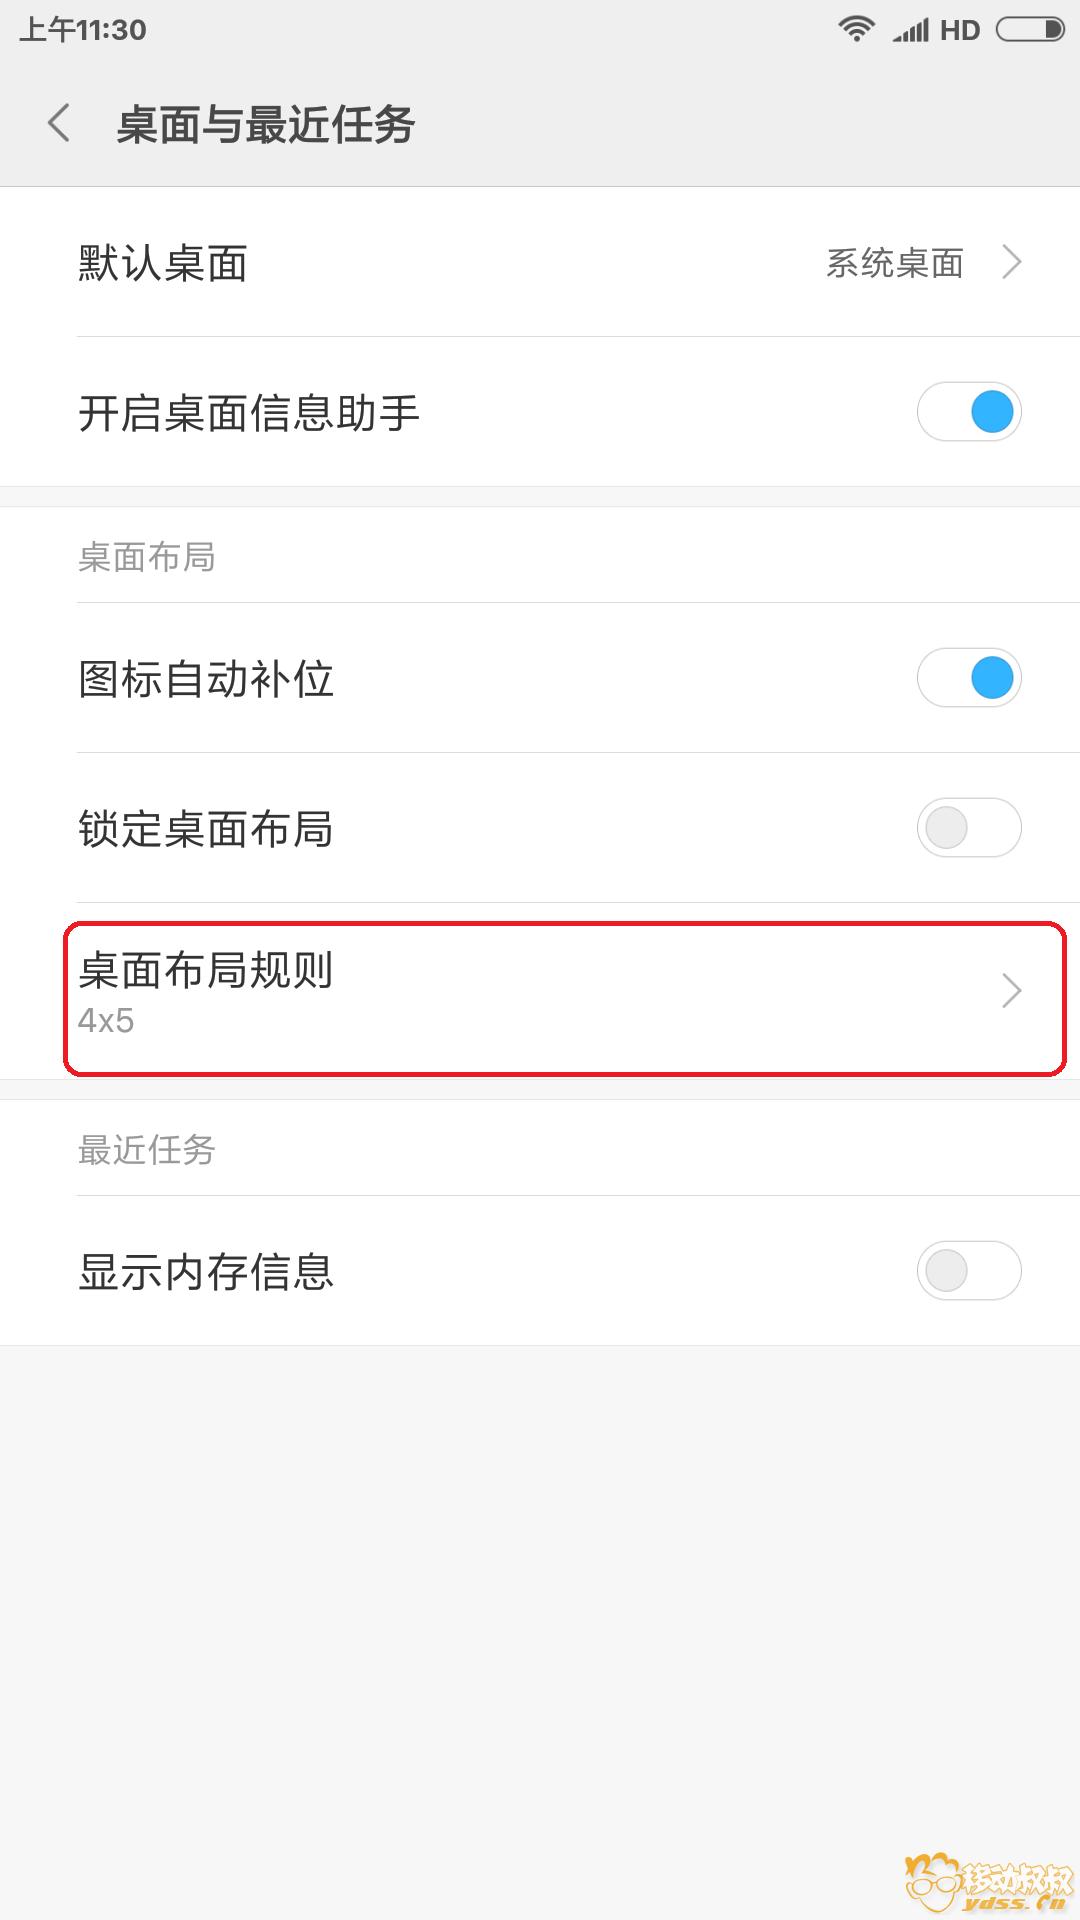 Screenshot_2018-05-04-11-30-55-225_com.miui.home.png